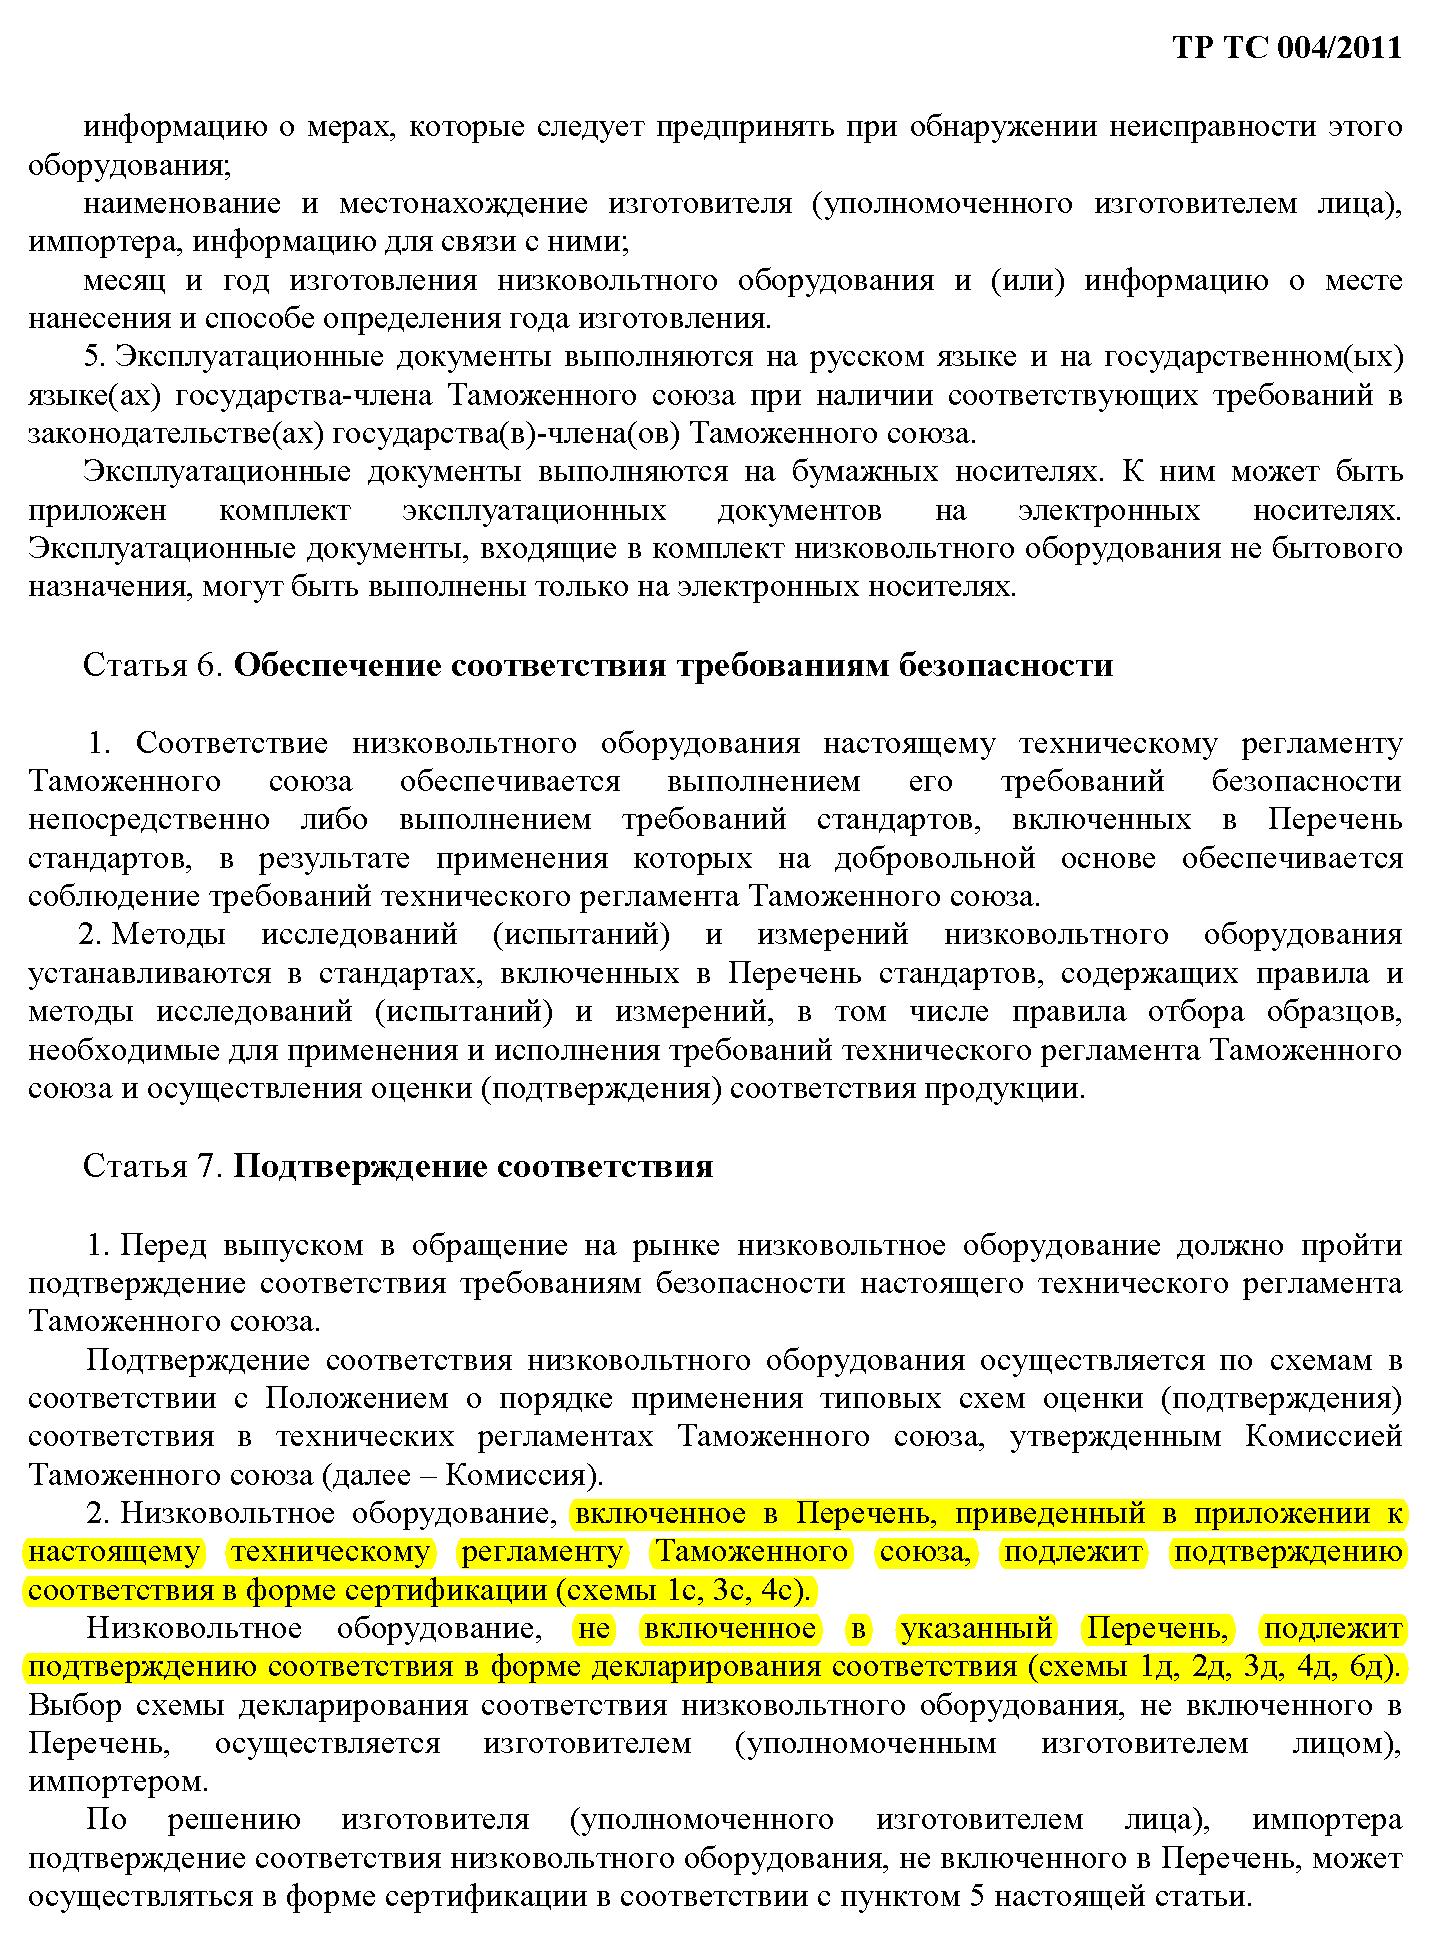 ТР ТС 004/2011 - декларирование